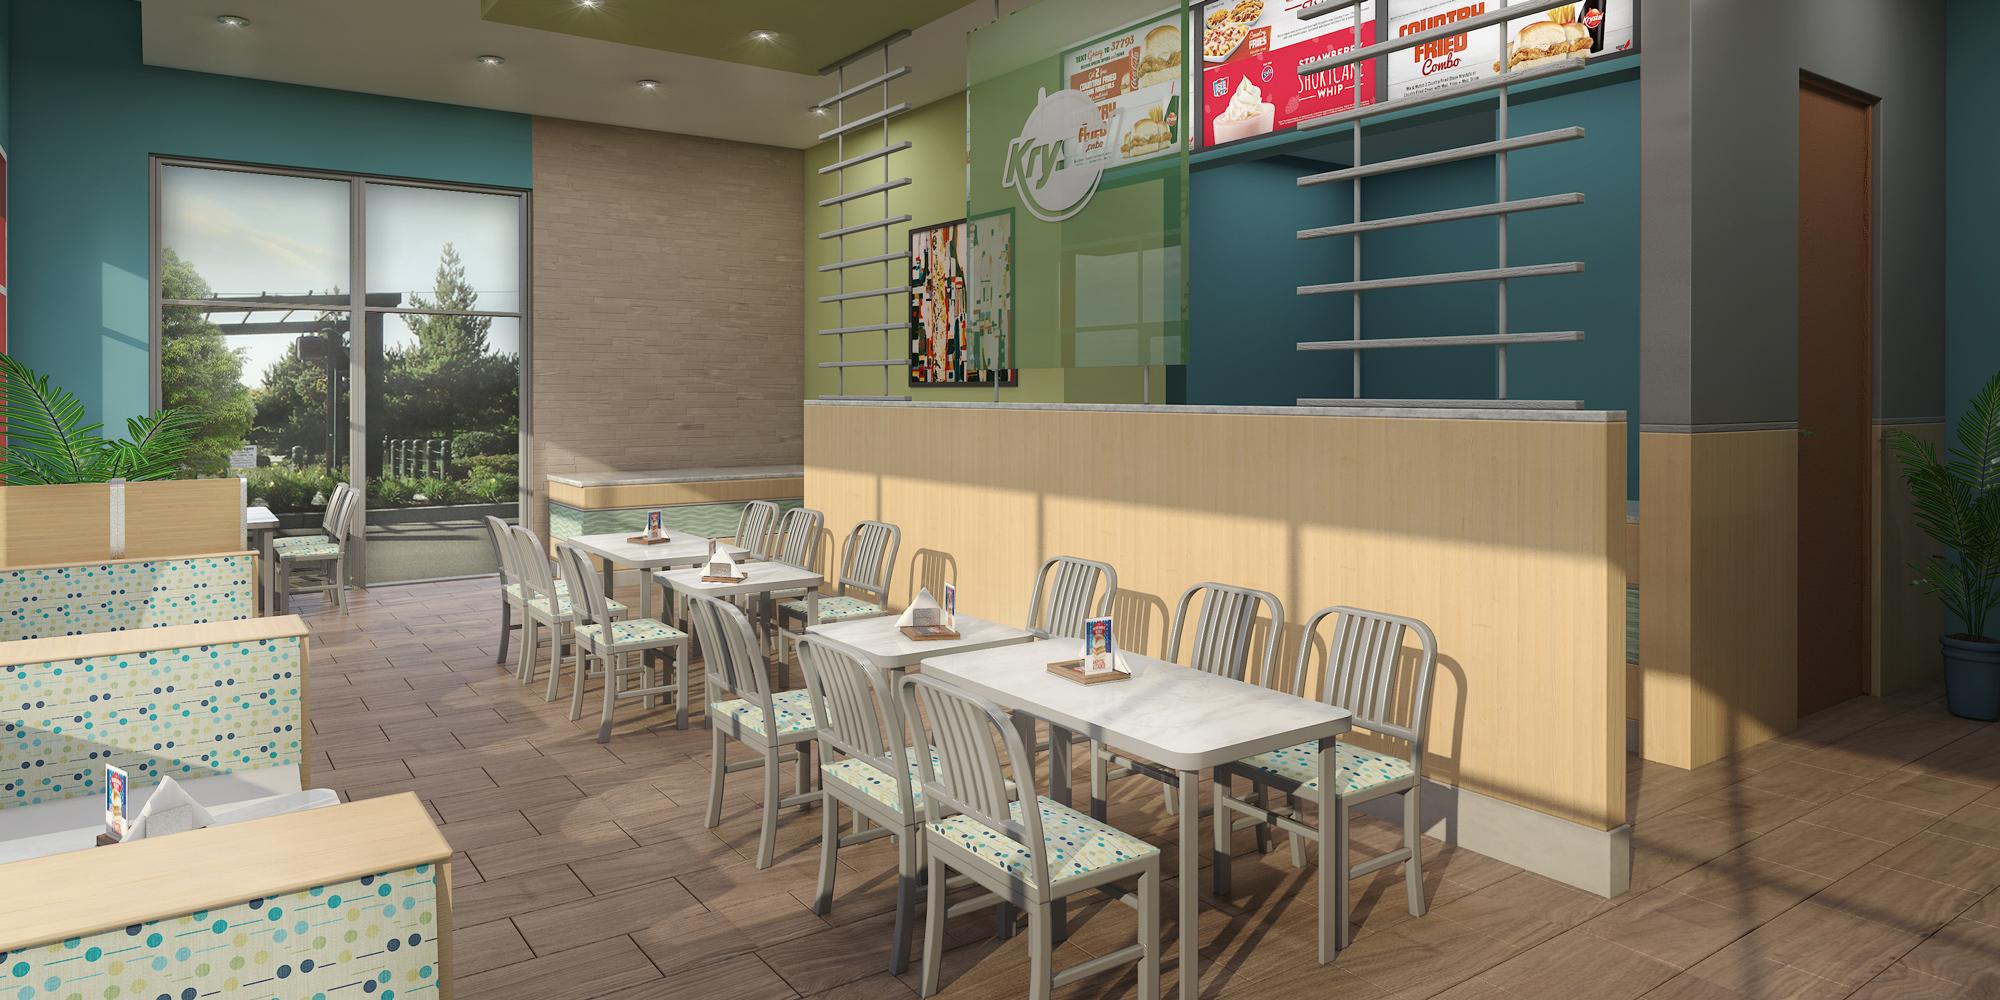 fast food 3d restaurant rendering   american render 3d rendering miami